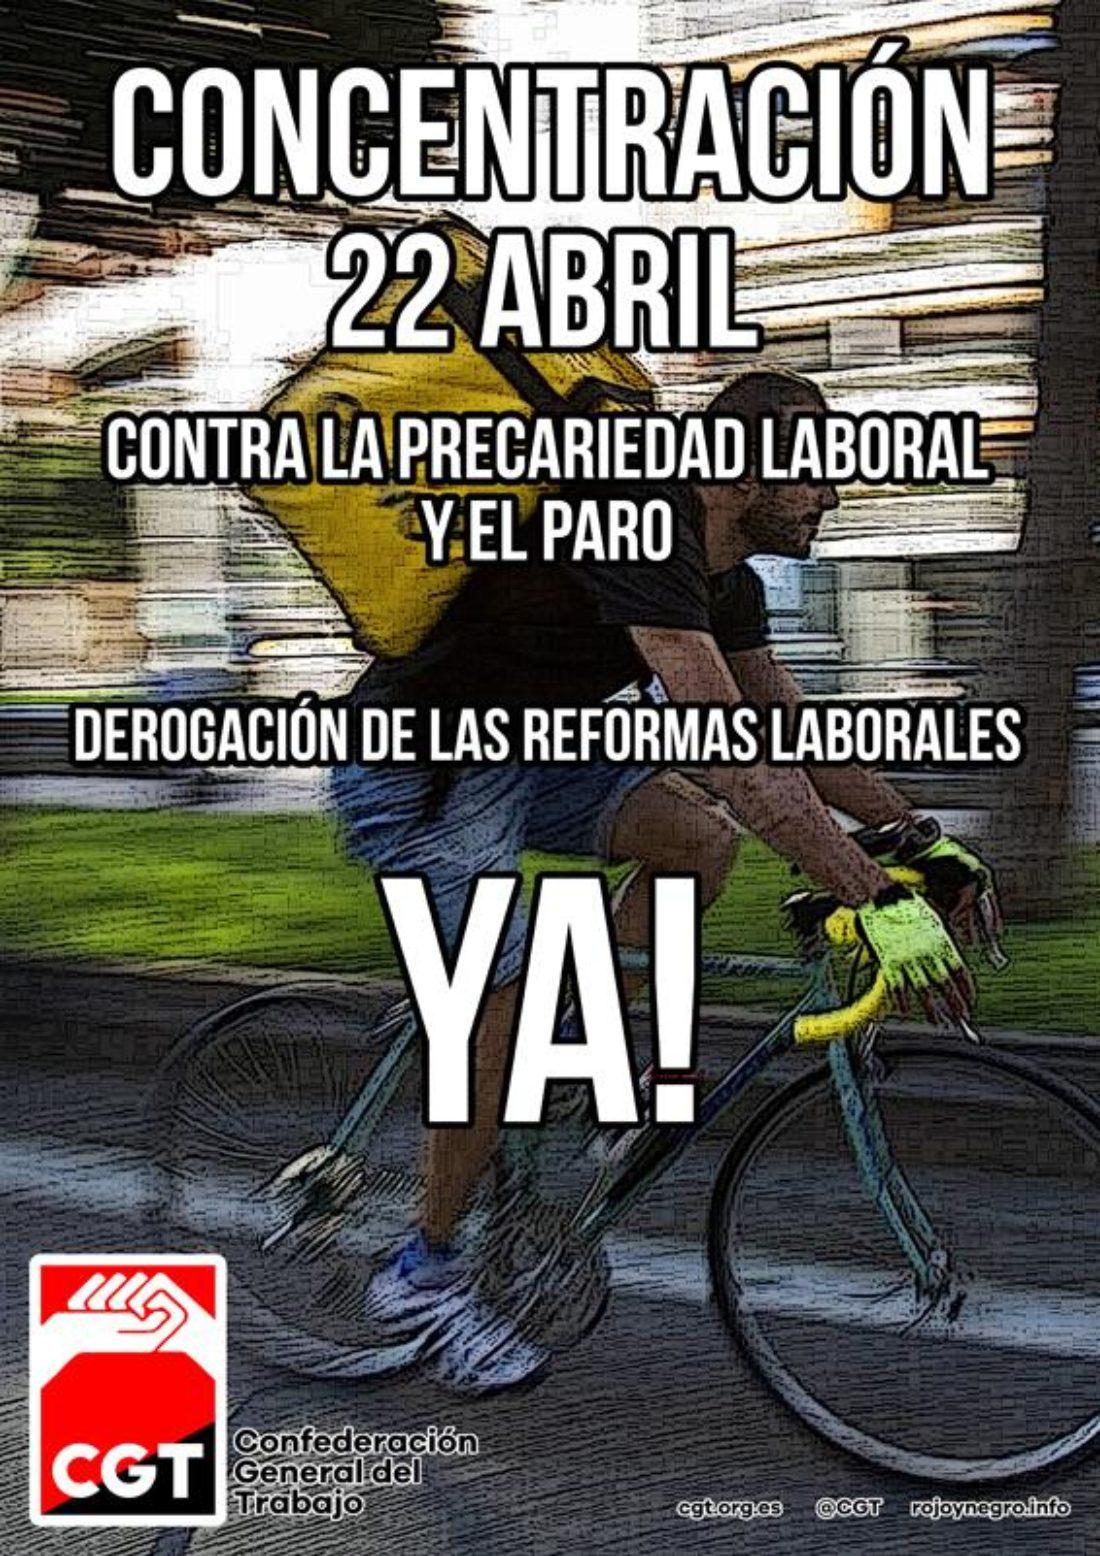 CGT rechaza modificaciones puntuales de las Reformas Laborales y aboga por la movilización para exigir a PSOE-UP su derogación